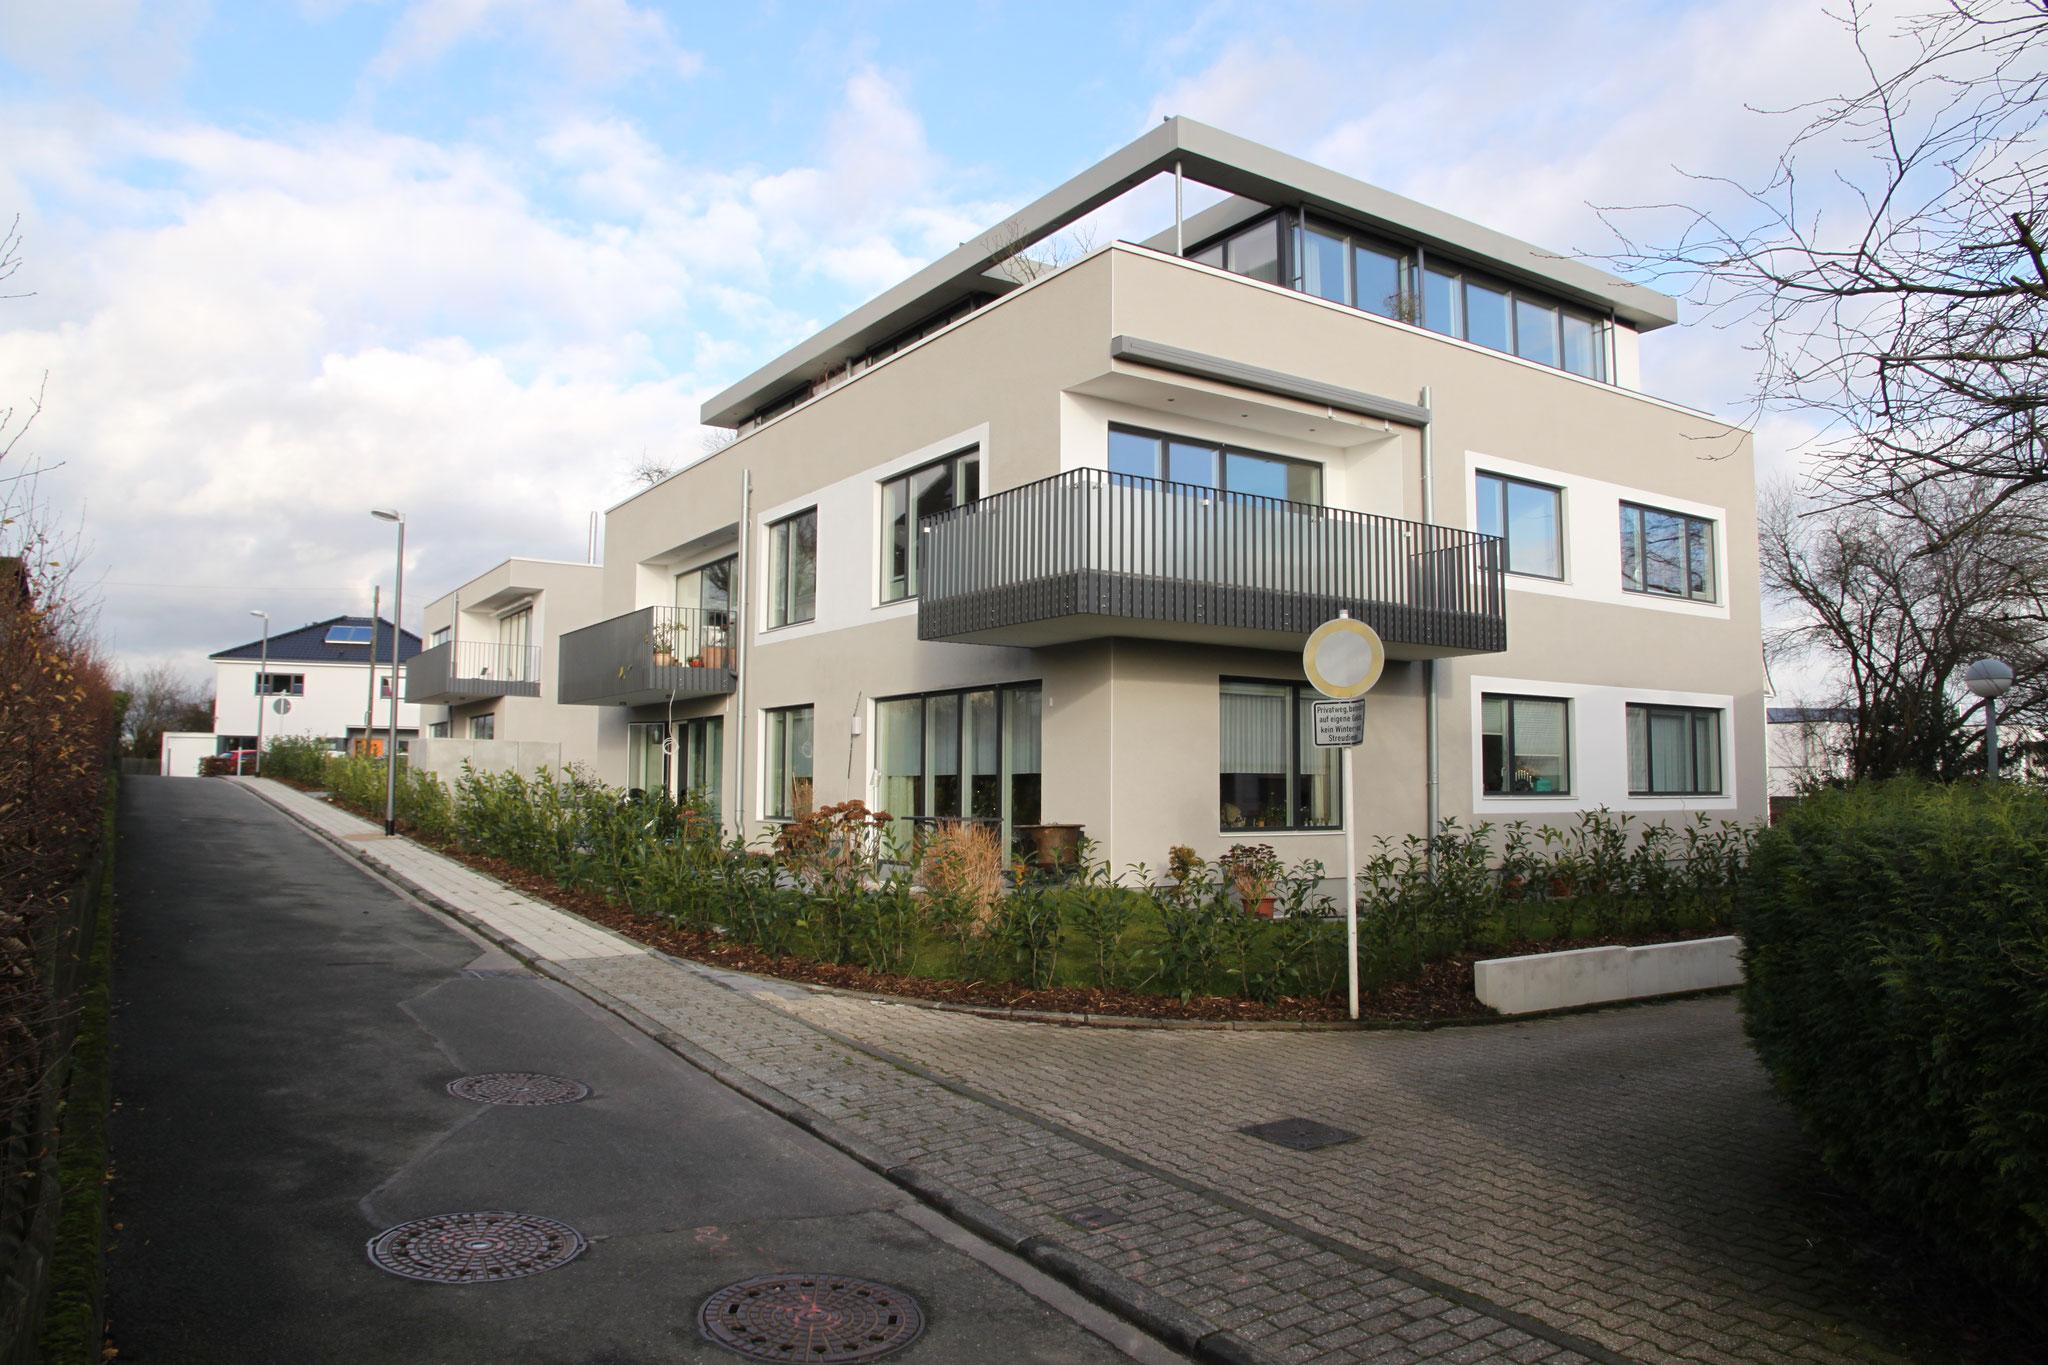 Mehrfamilienhaus / Architekten BAUTAL GmbH&Co.KG Wuppertal